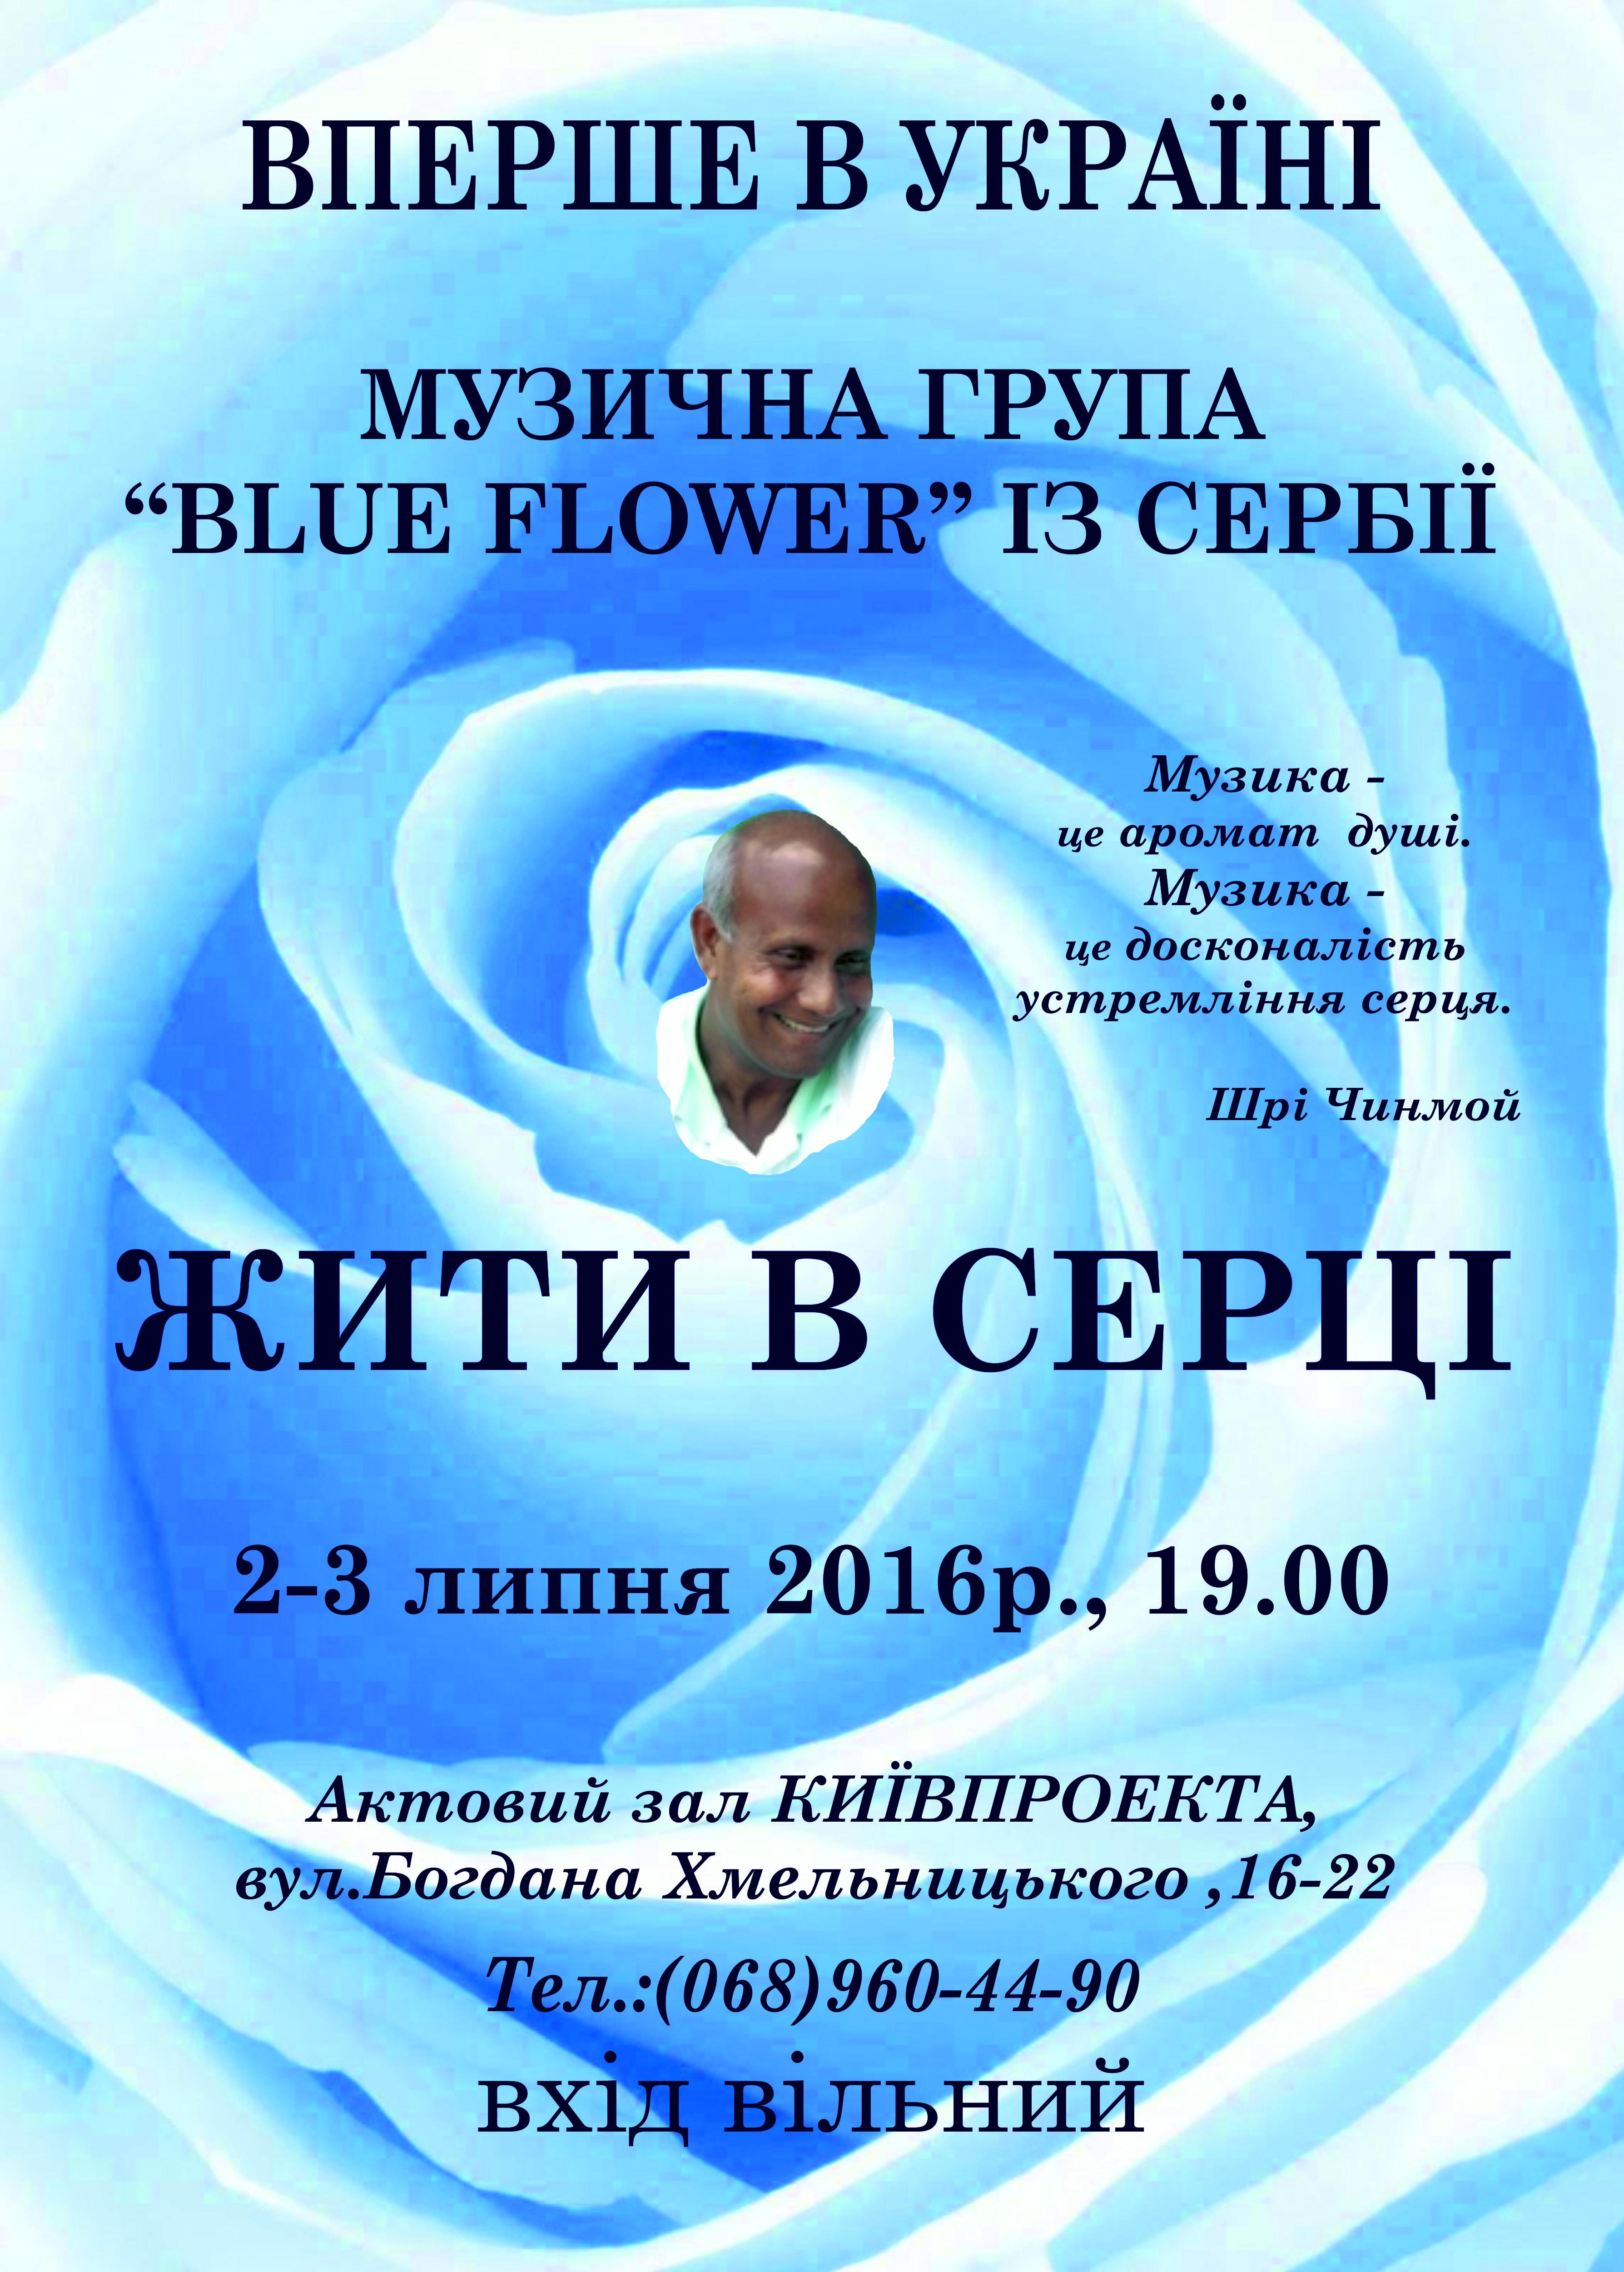 Музична група Blue Flower в Києві